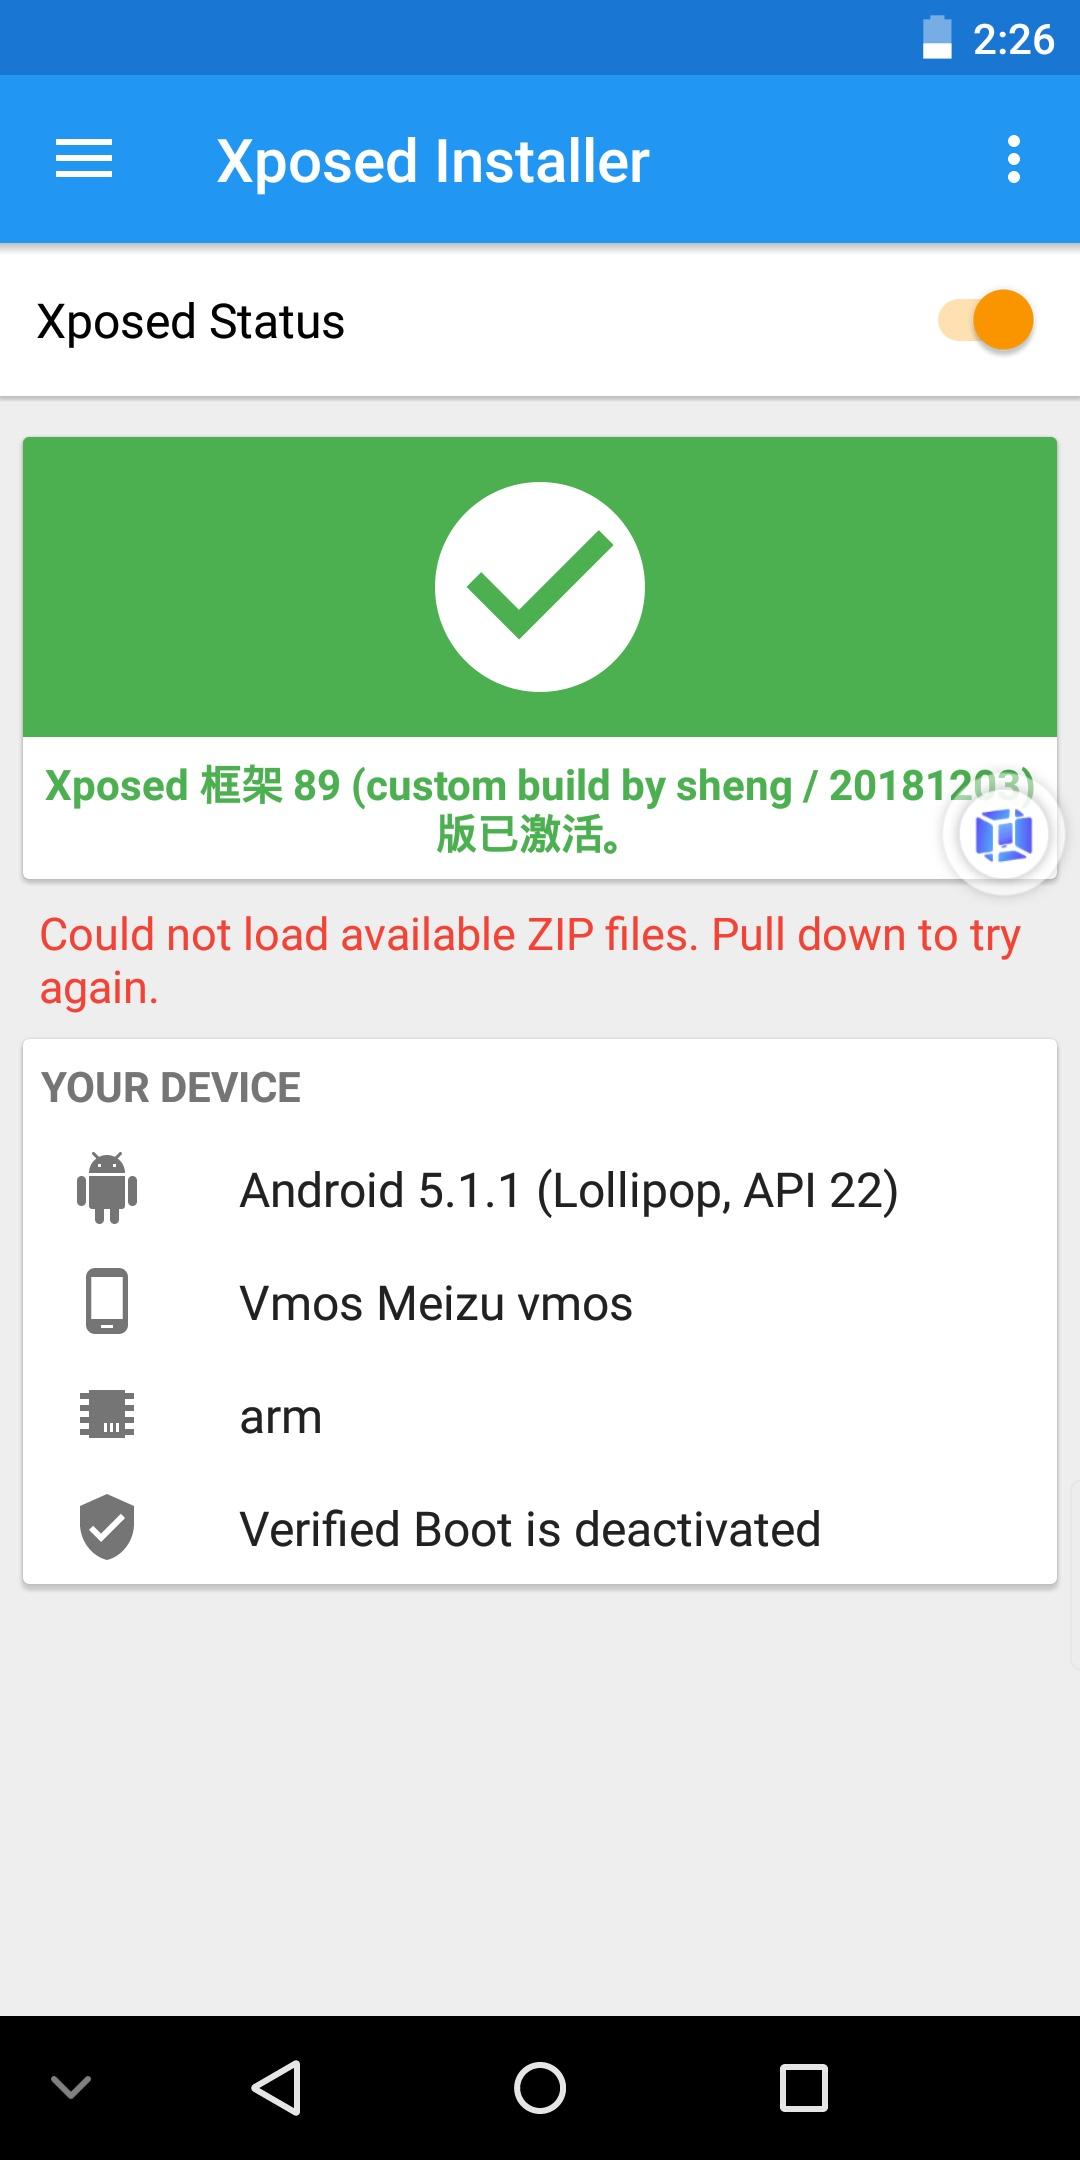 【资源分享】VMOS_去广告版/自带XP和Root,装机必备!